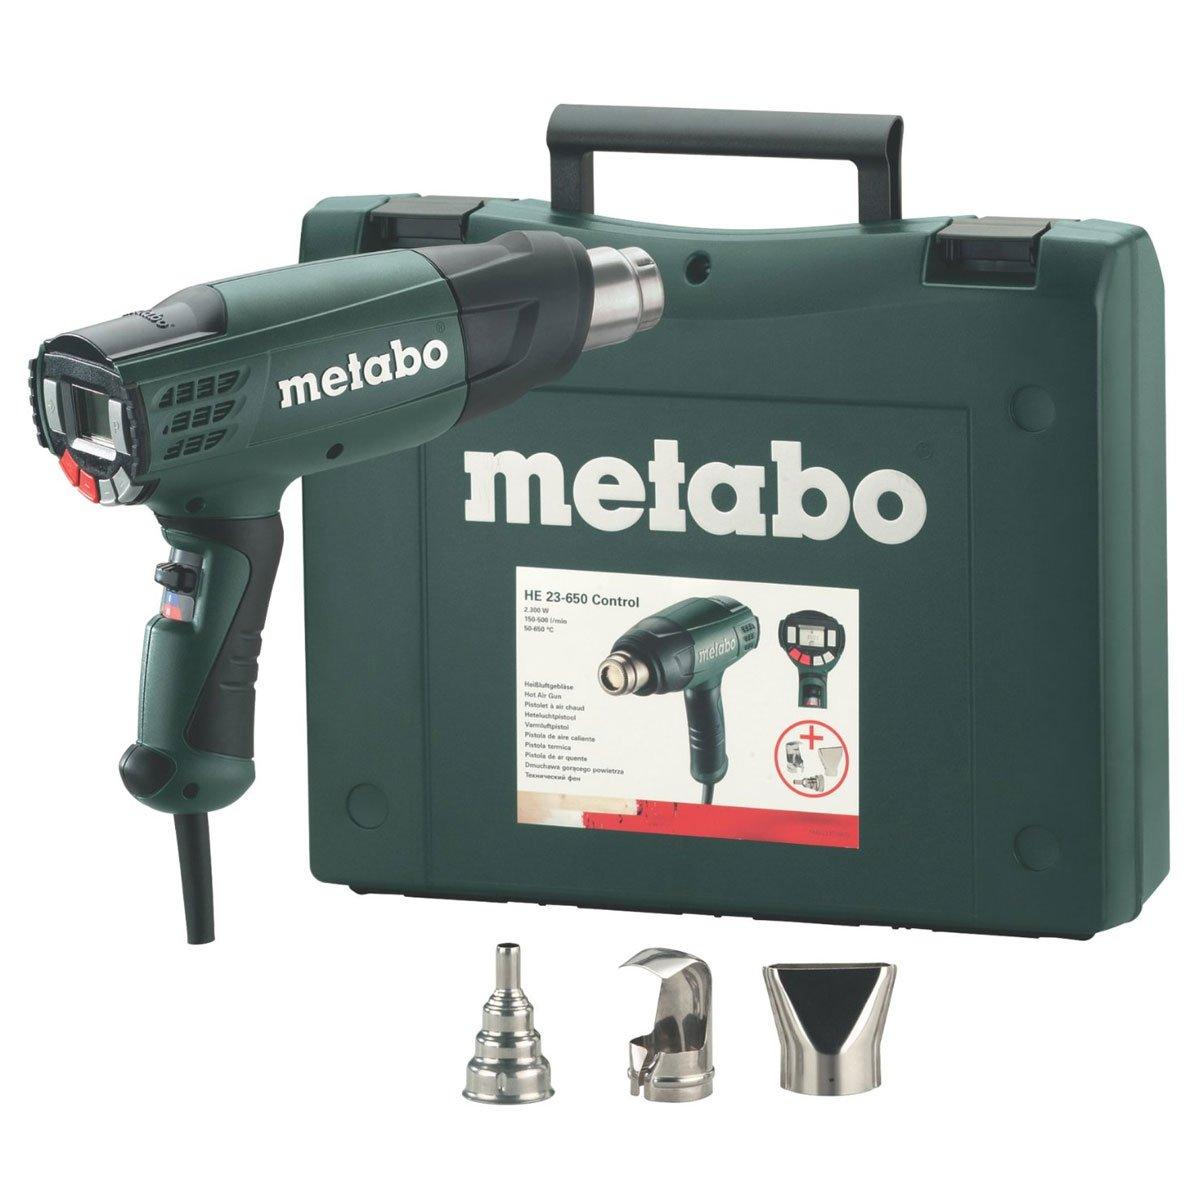 Metabo 602365500 Heißluftgebläse HE 23650 Control  BaumarktKundenbewertung und Beschreibung